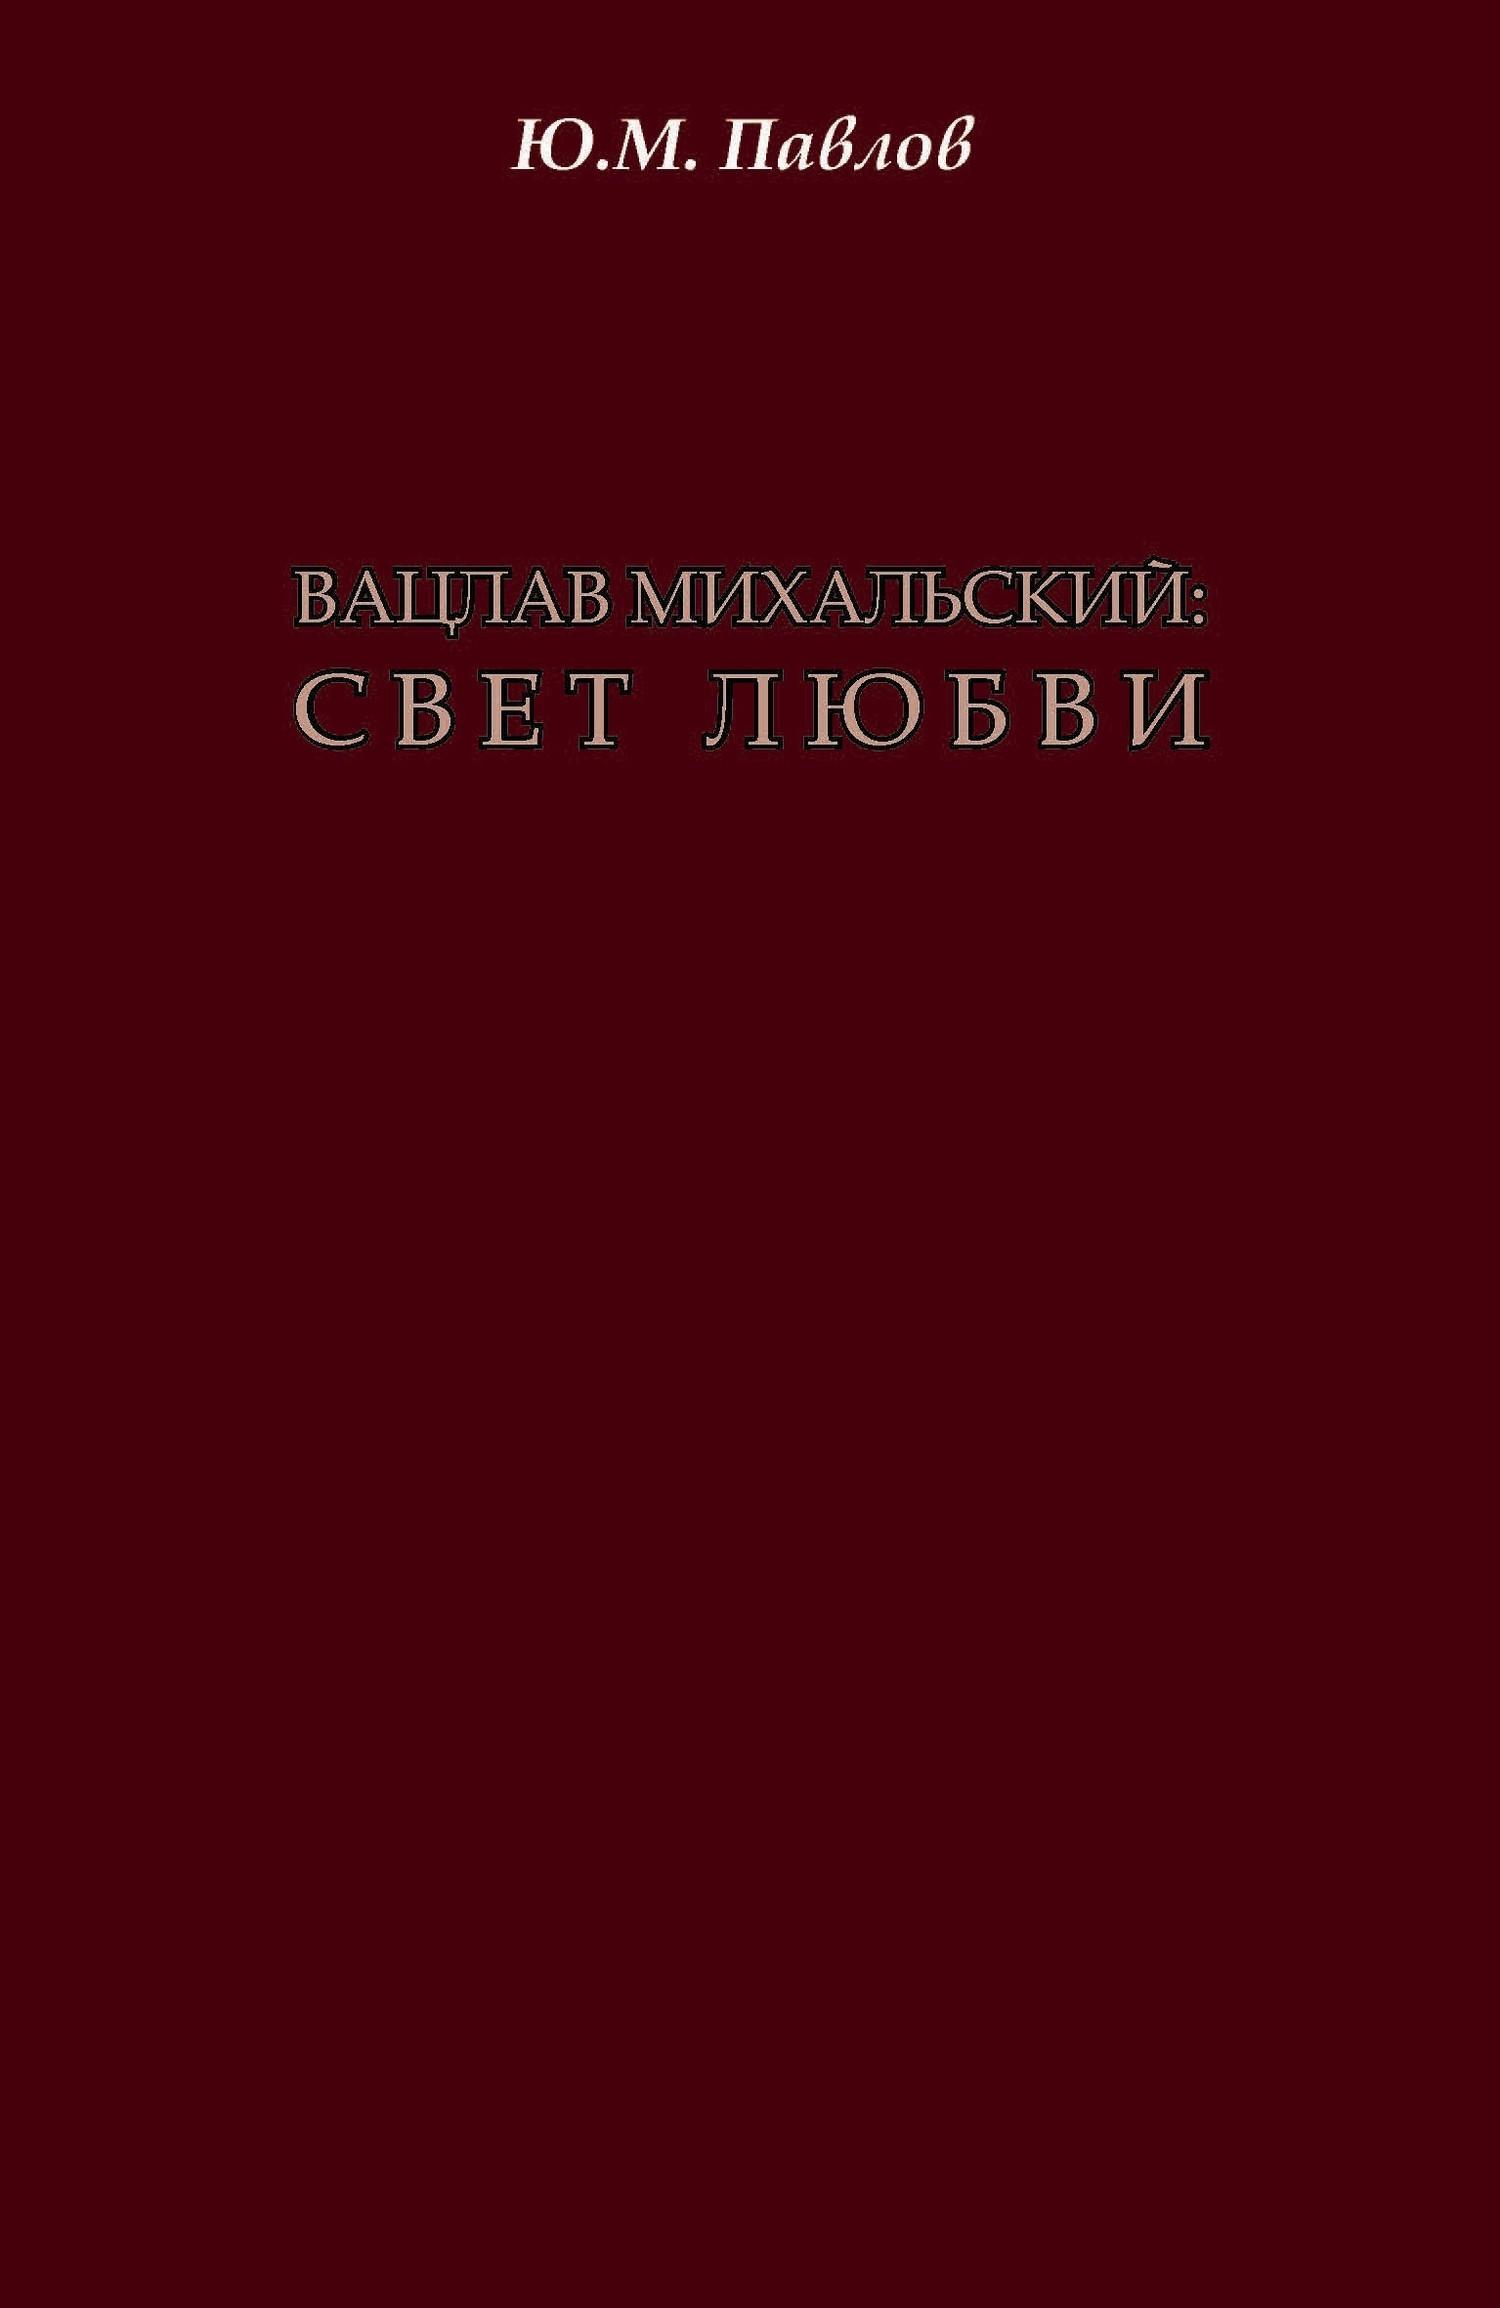 Ю. М. Павлов Вацлав Михальский. Свет любви цена